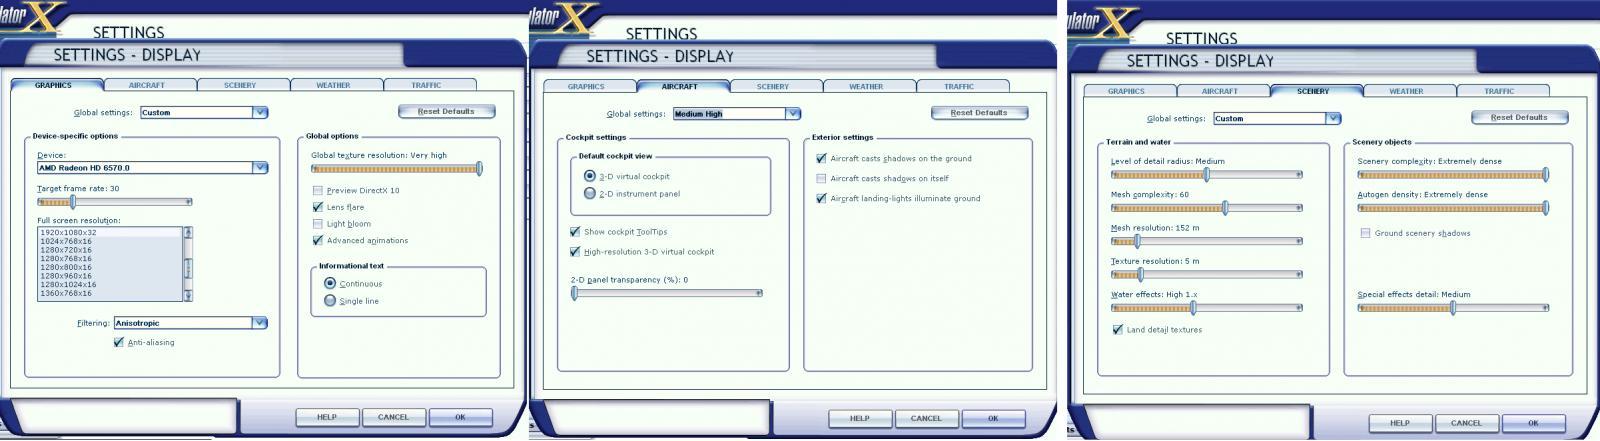 İsim:  setting.jpg Görüntüleme: 469 Büyüklük:  110.0 KB (Kilobyte)